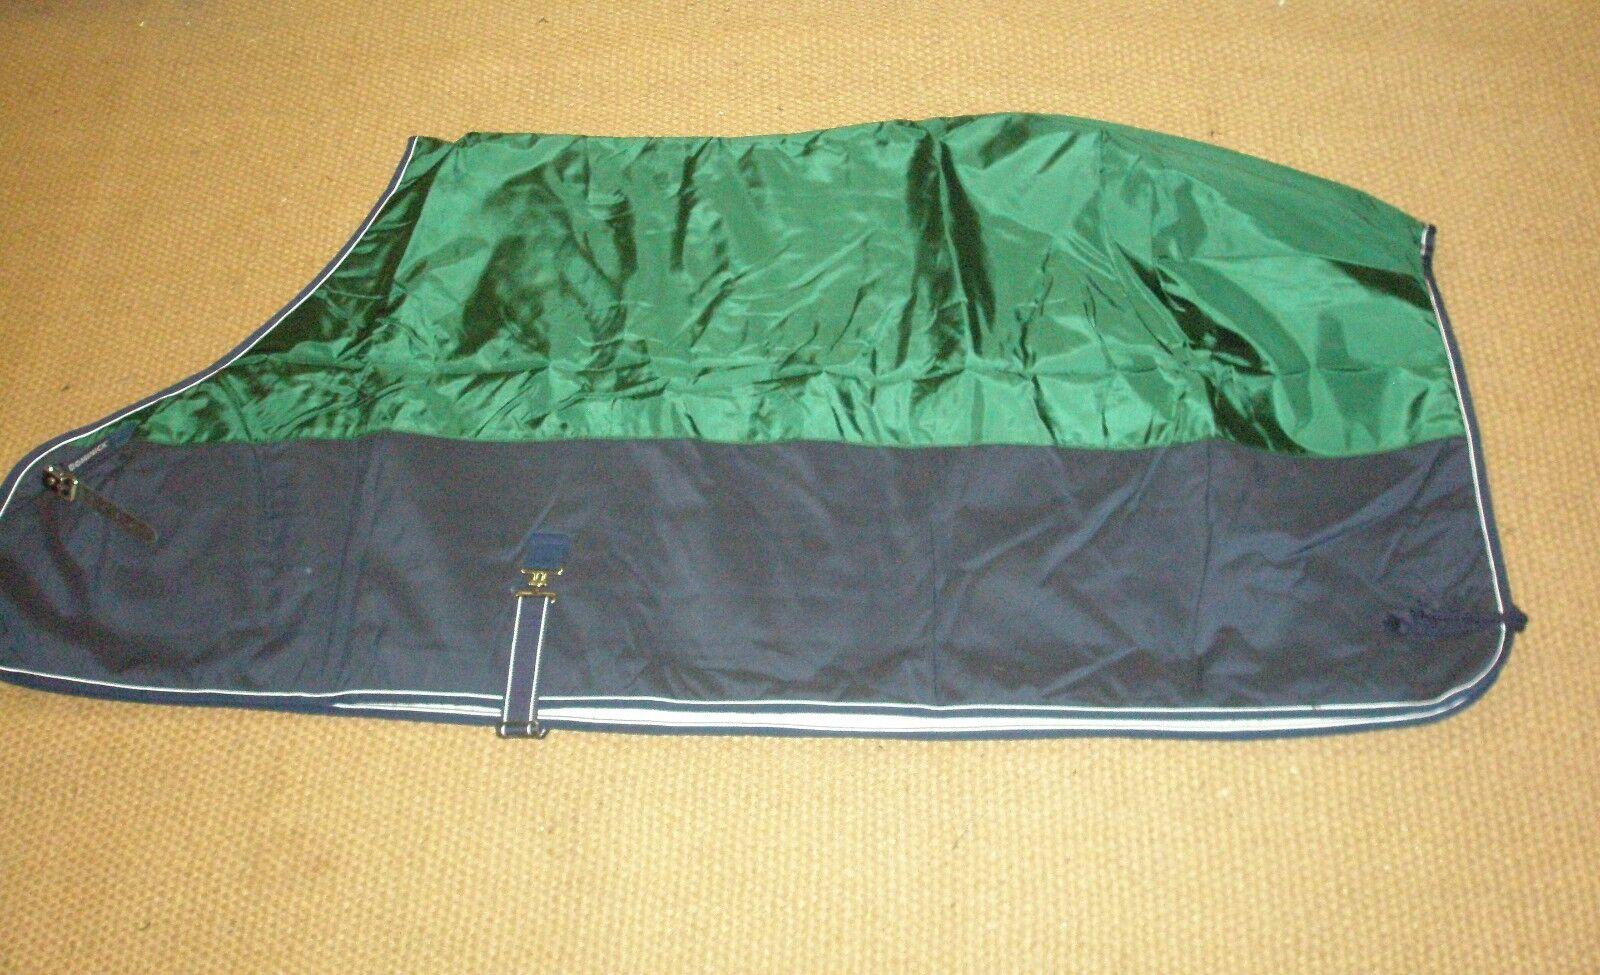 Dominick Liberty Combi peso mediano Estable Alfombra Estándar Cuello-Azul marino + verde